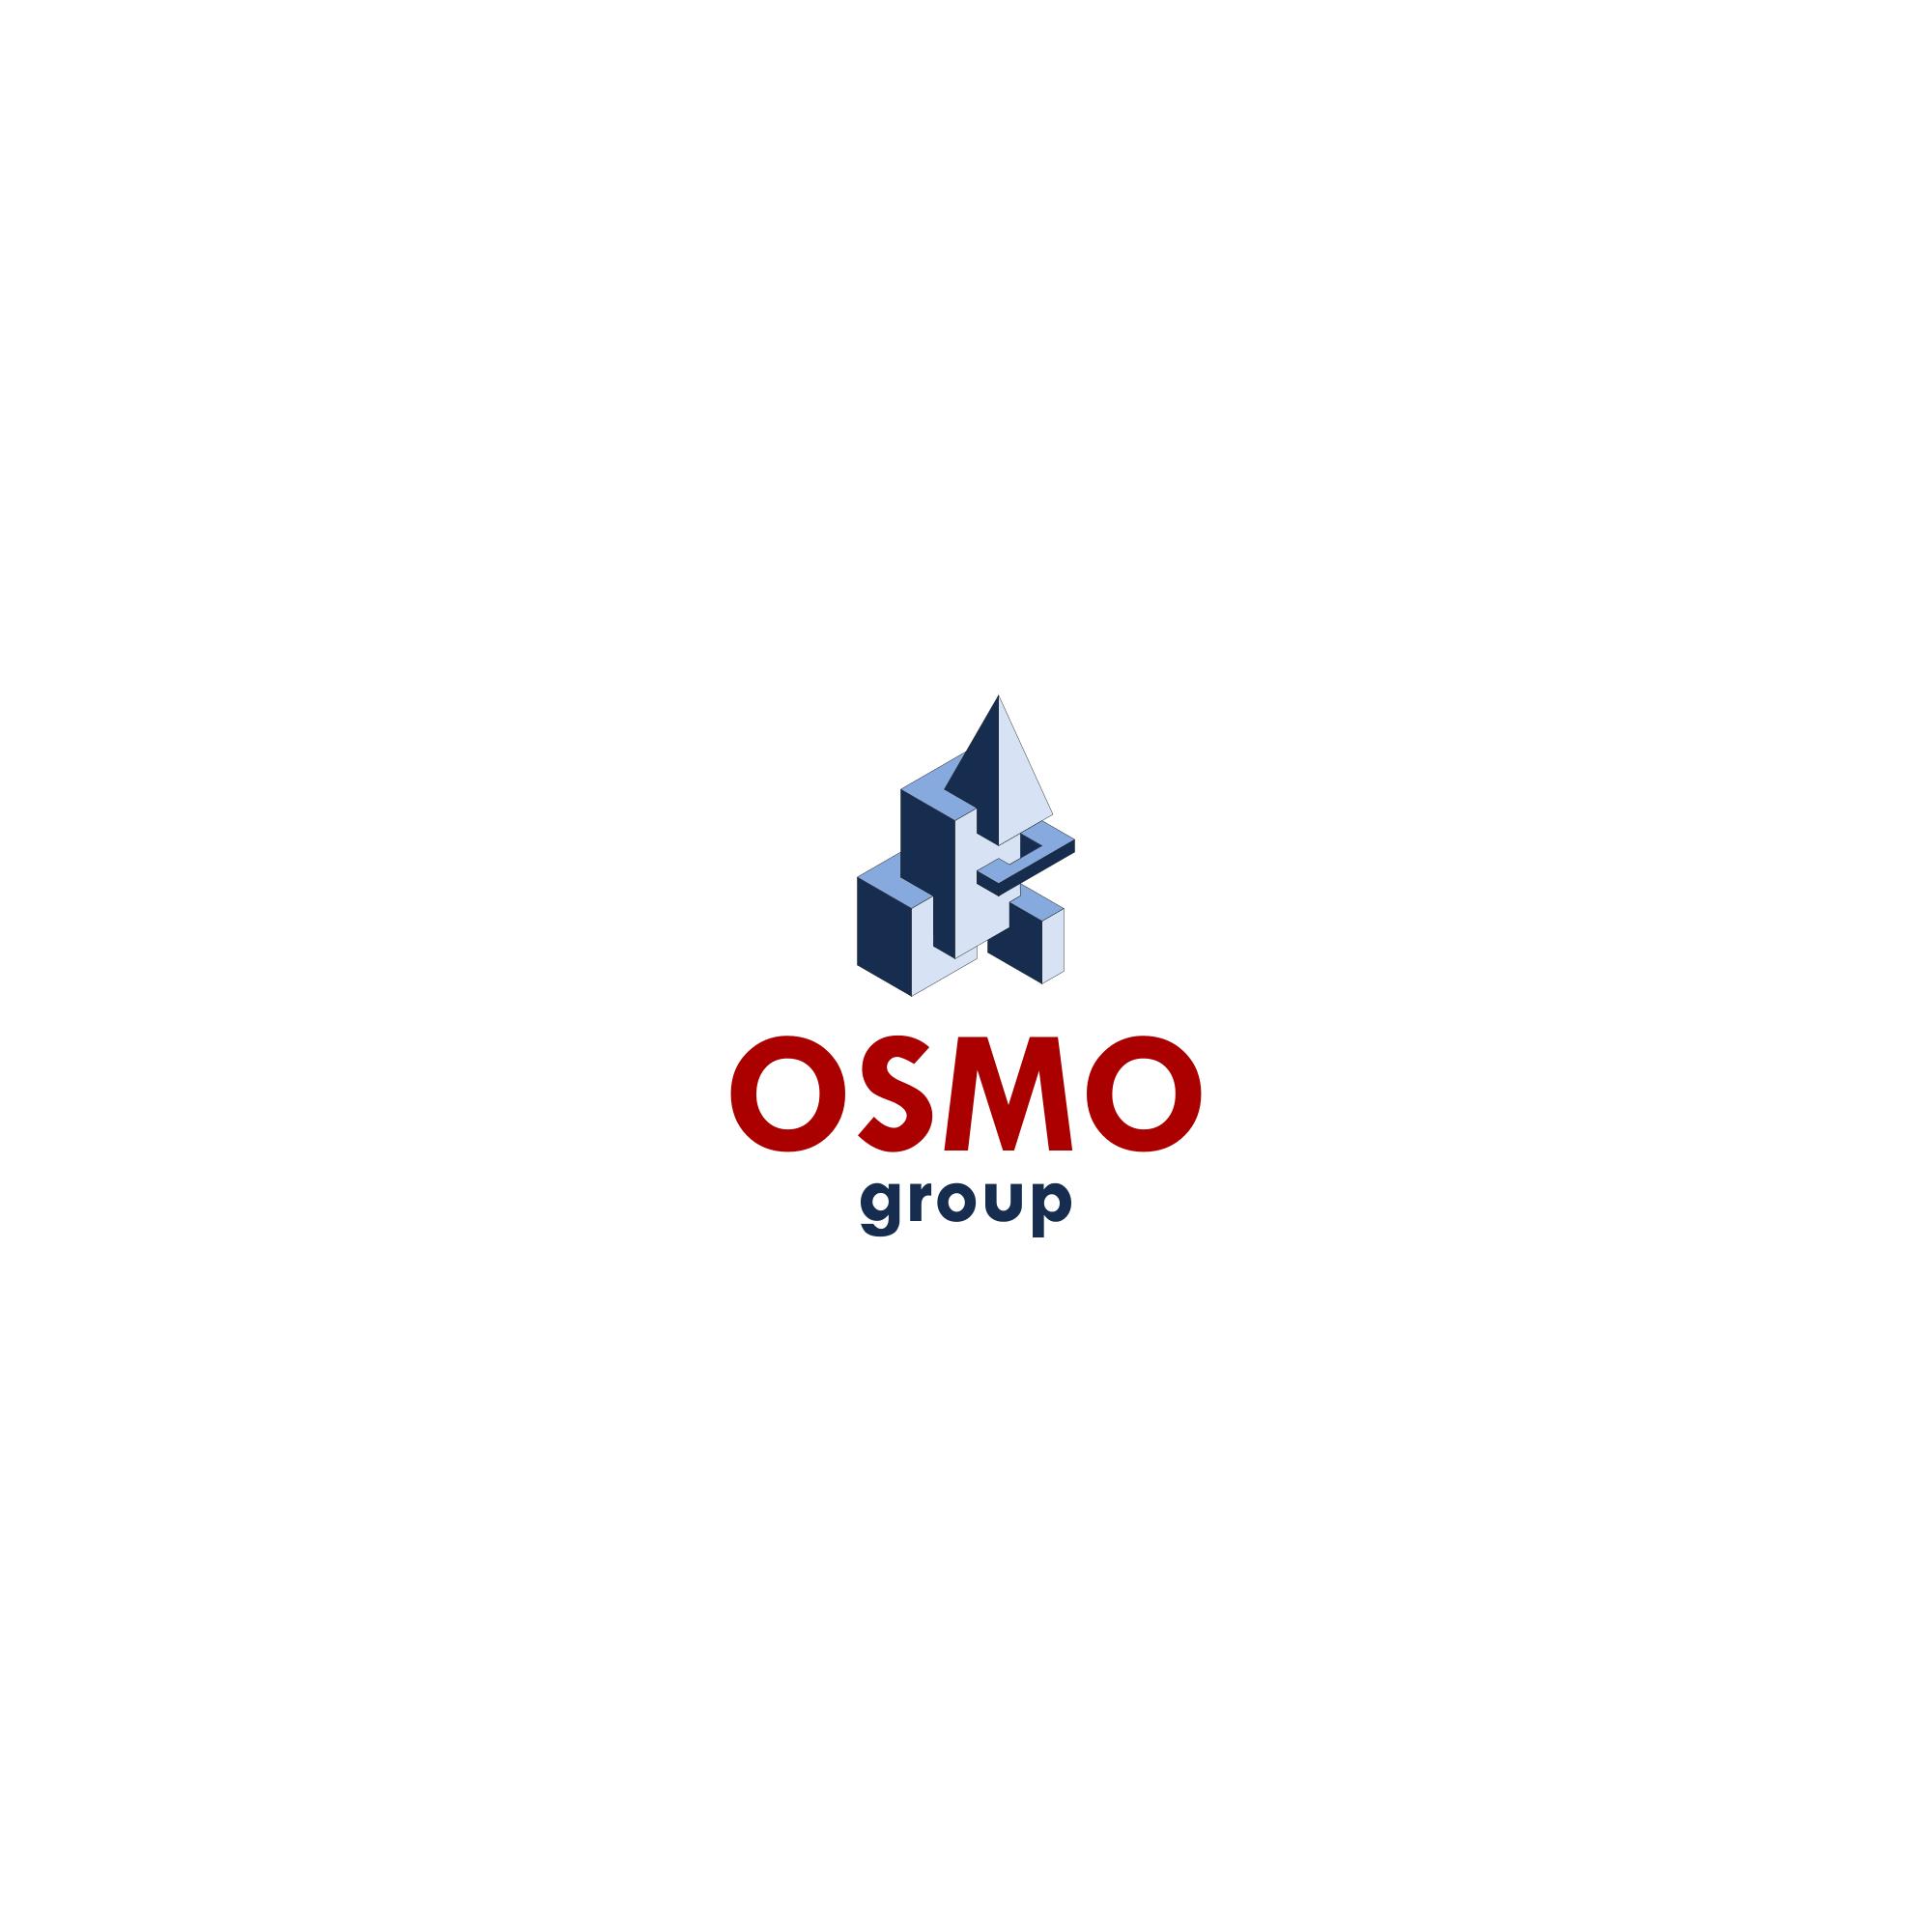 Создание логотипа для строительной компании OSMO group  фото f_70859b58c3e95e17.png